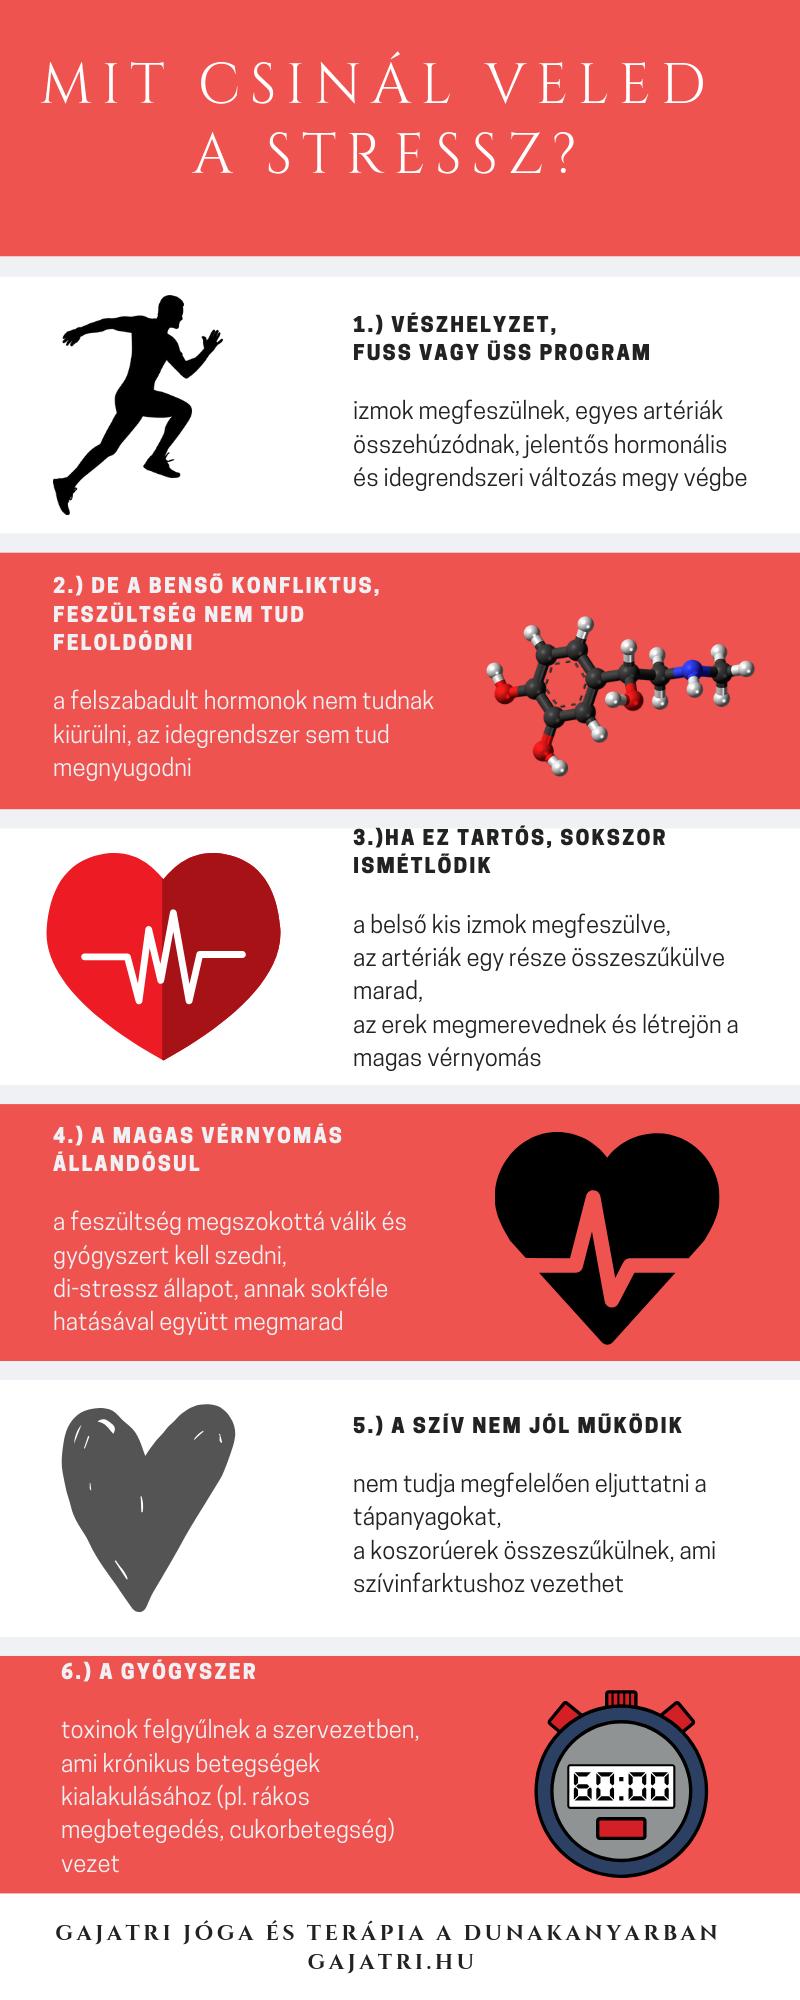 diagnosztizálni a magas vérnyomást gyógyszerek magas vérnyomás vagy magas vérnyomás kezelésére